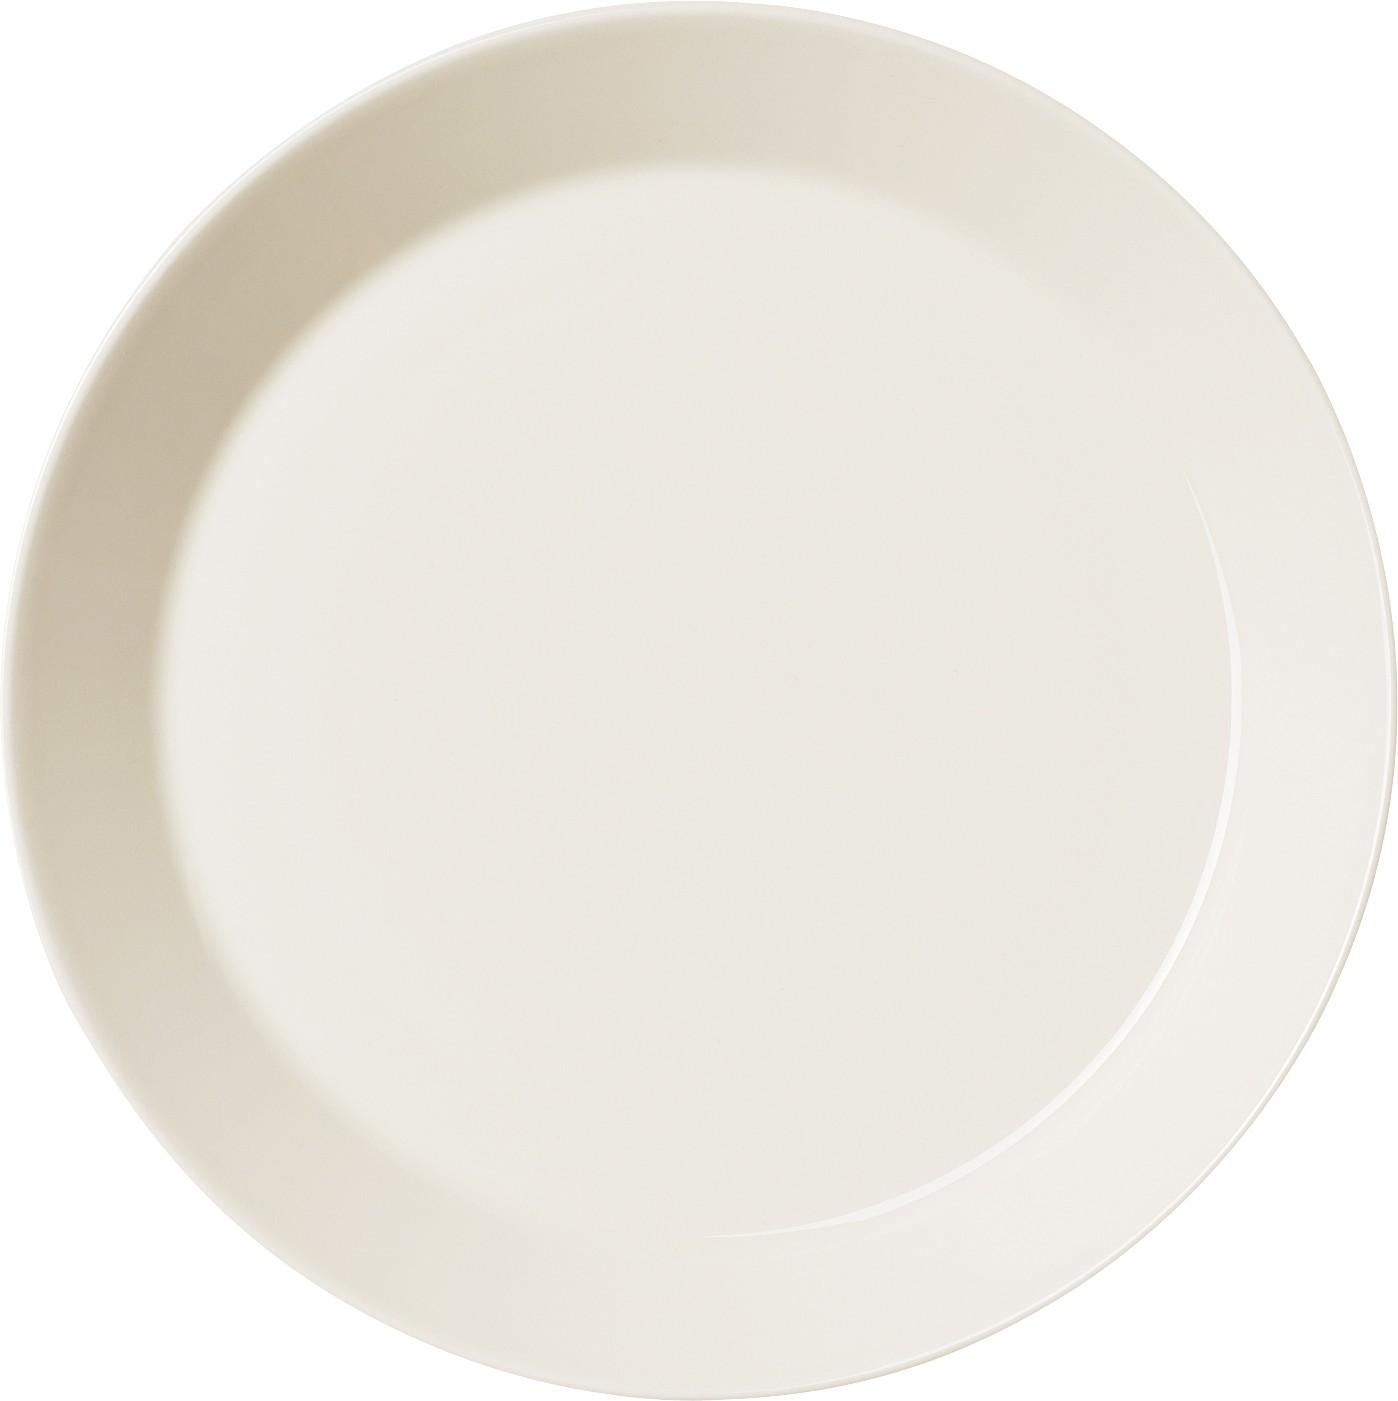 iittala teema plate 26 cm white iittala com uk